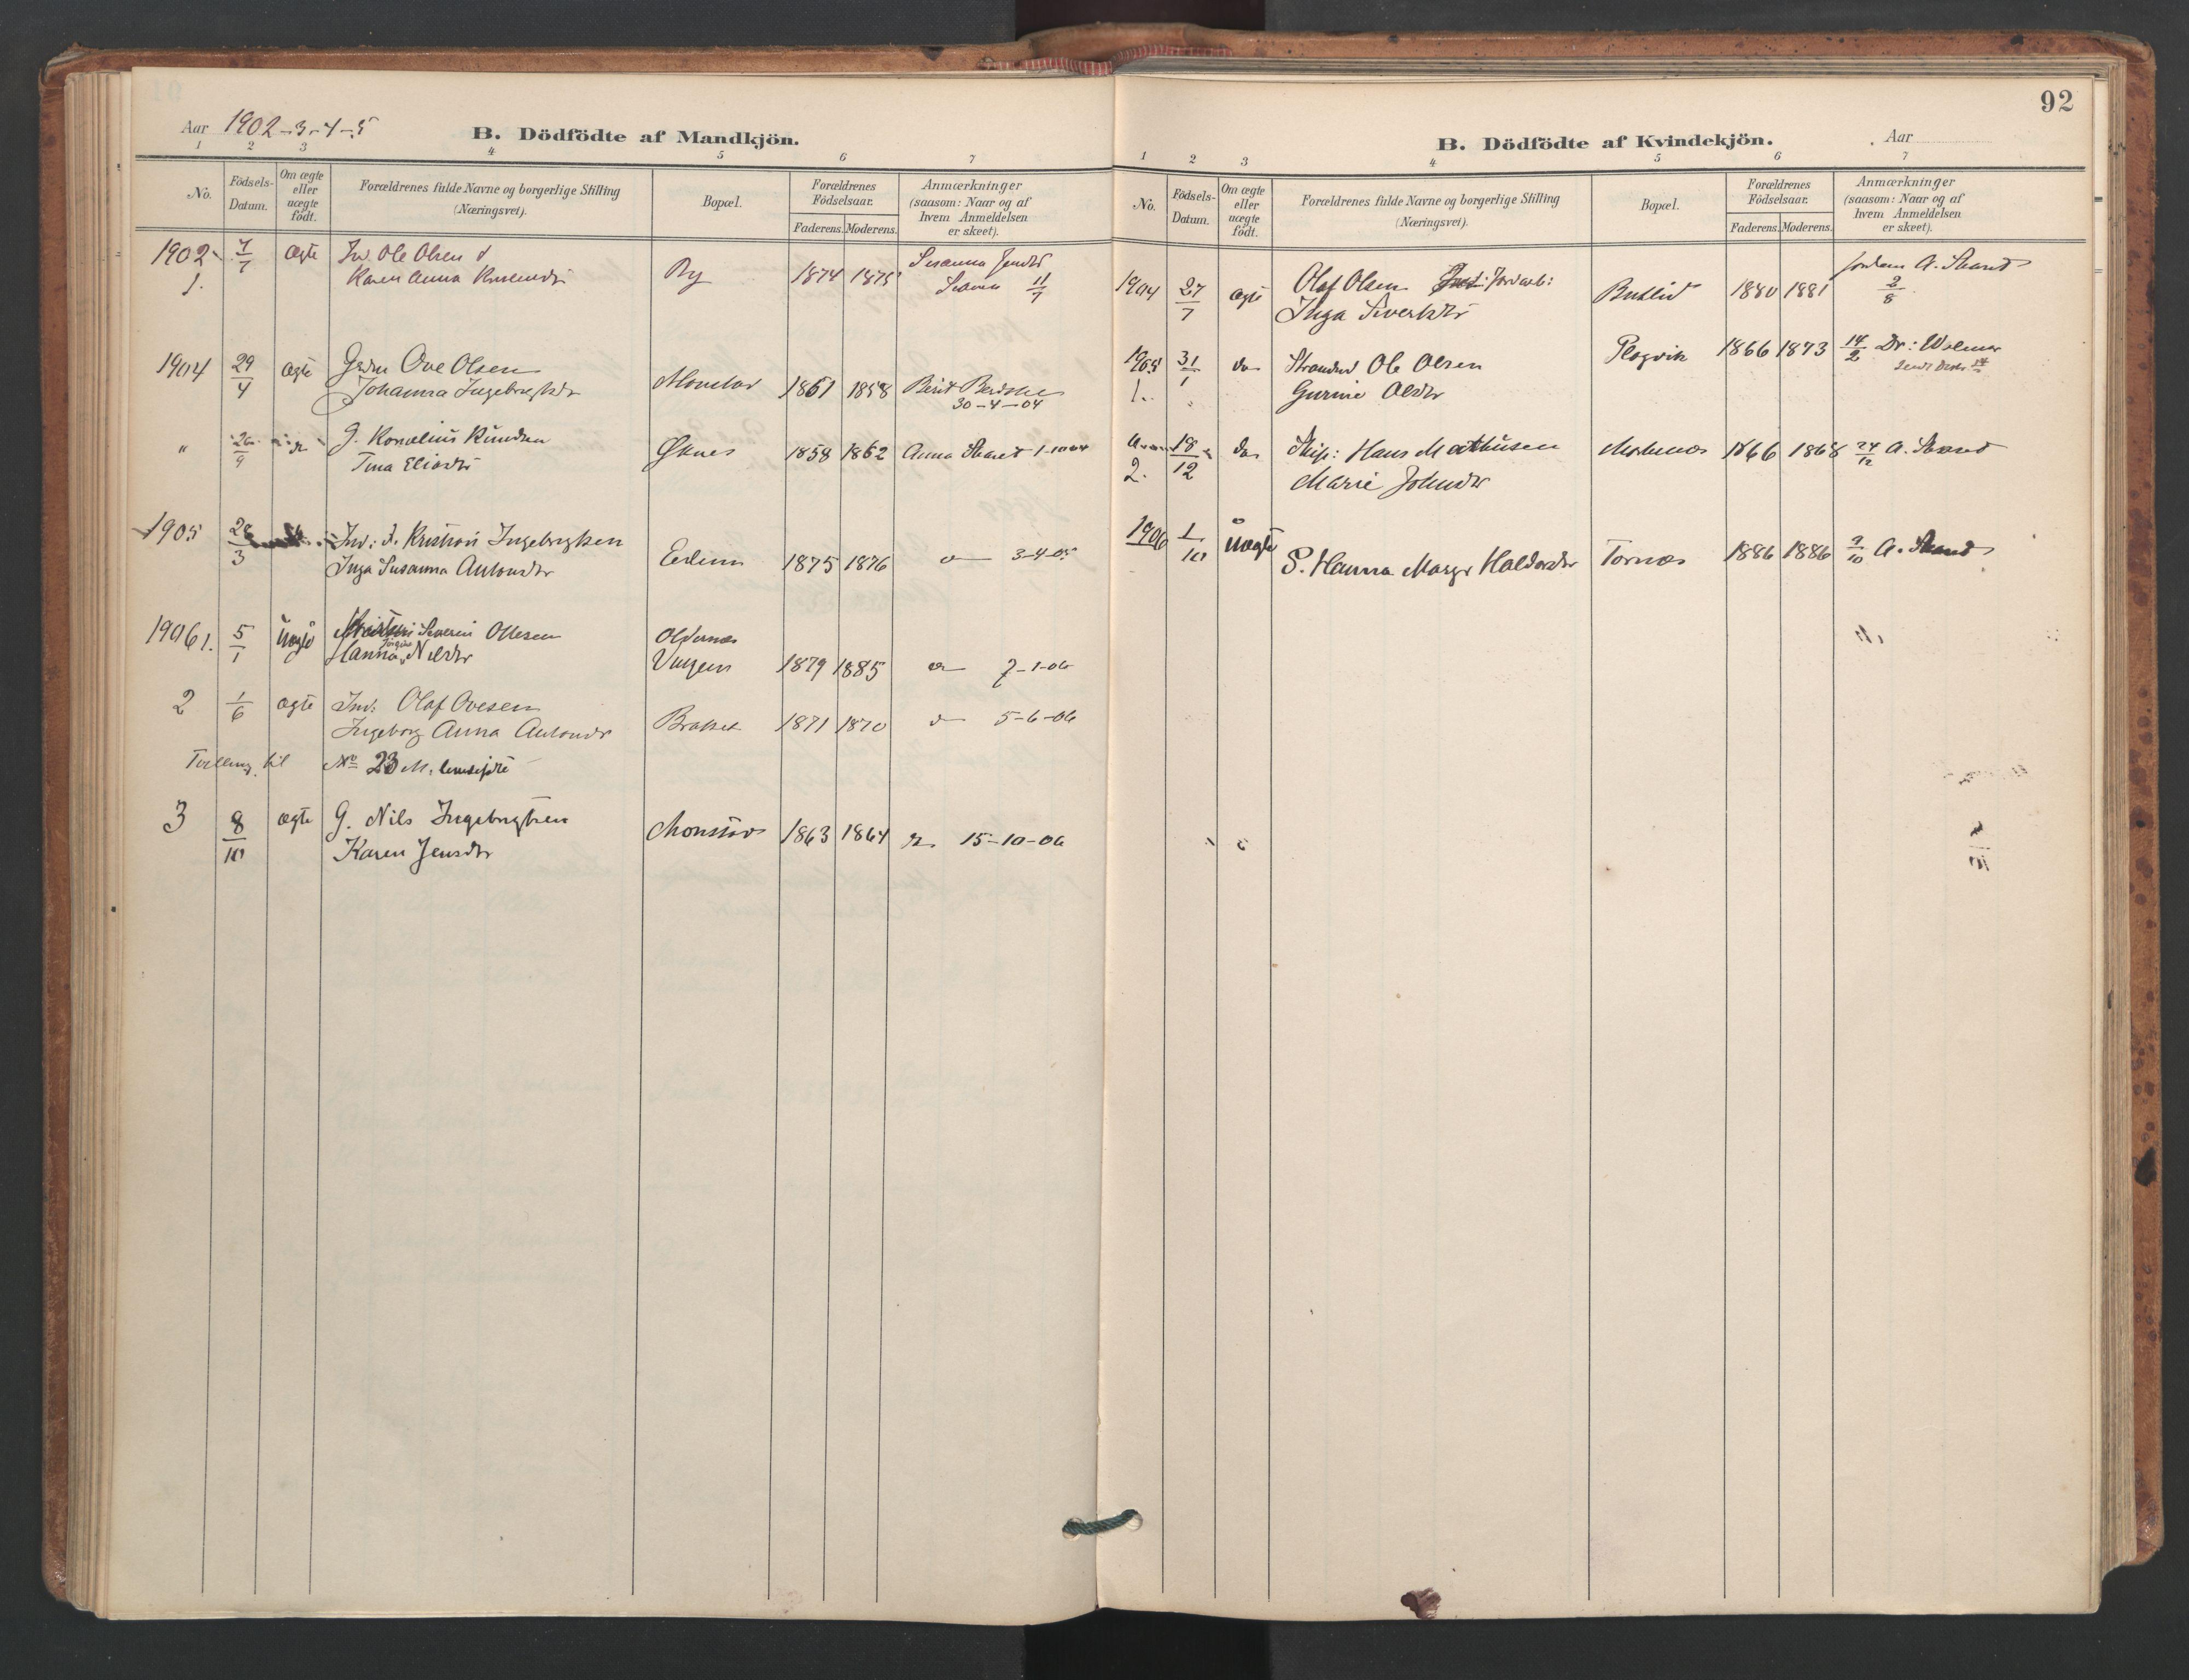 SAT, Ministerialprotokoller, klokkerbøker og fødselsregistre - Sør-Trøndelag, 655/L0681: Ministerialbok nr. 655A10, 1895-1907, s. 92